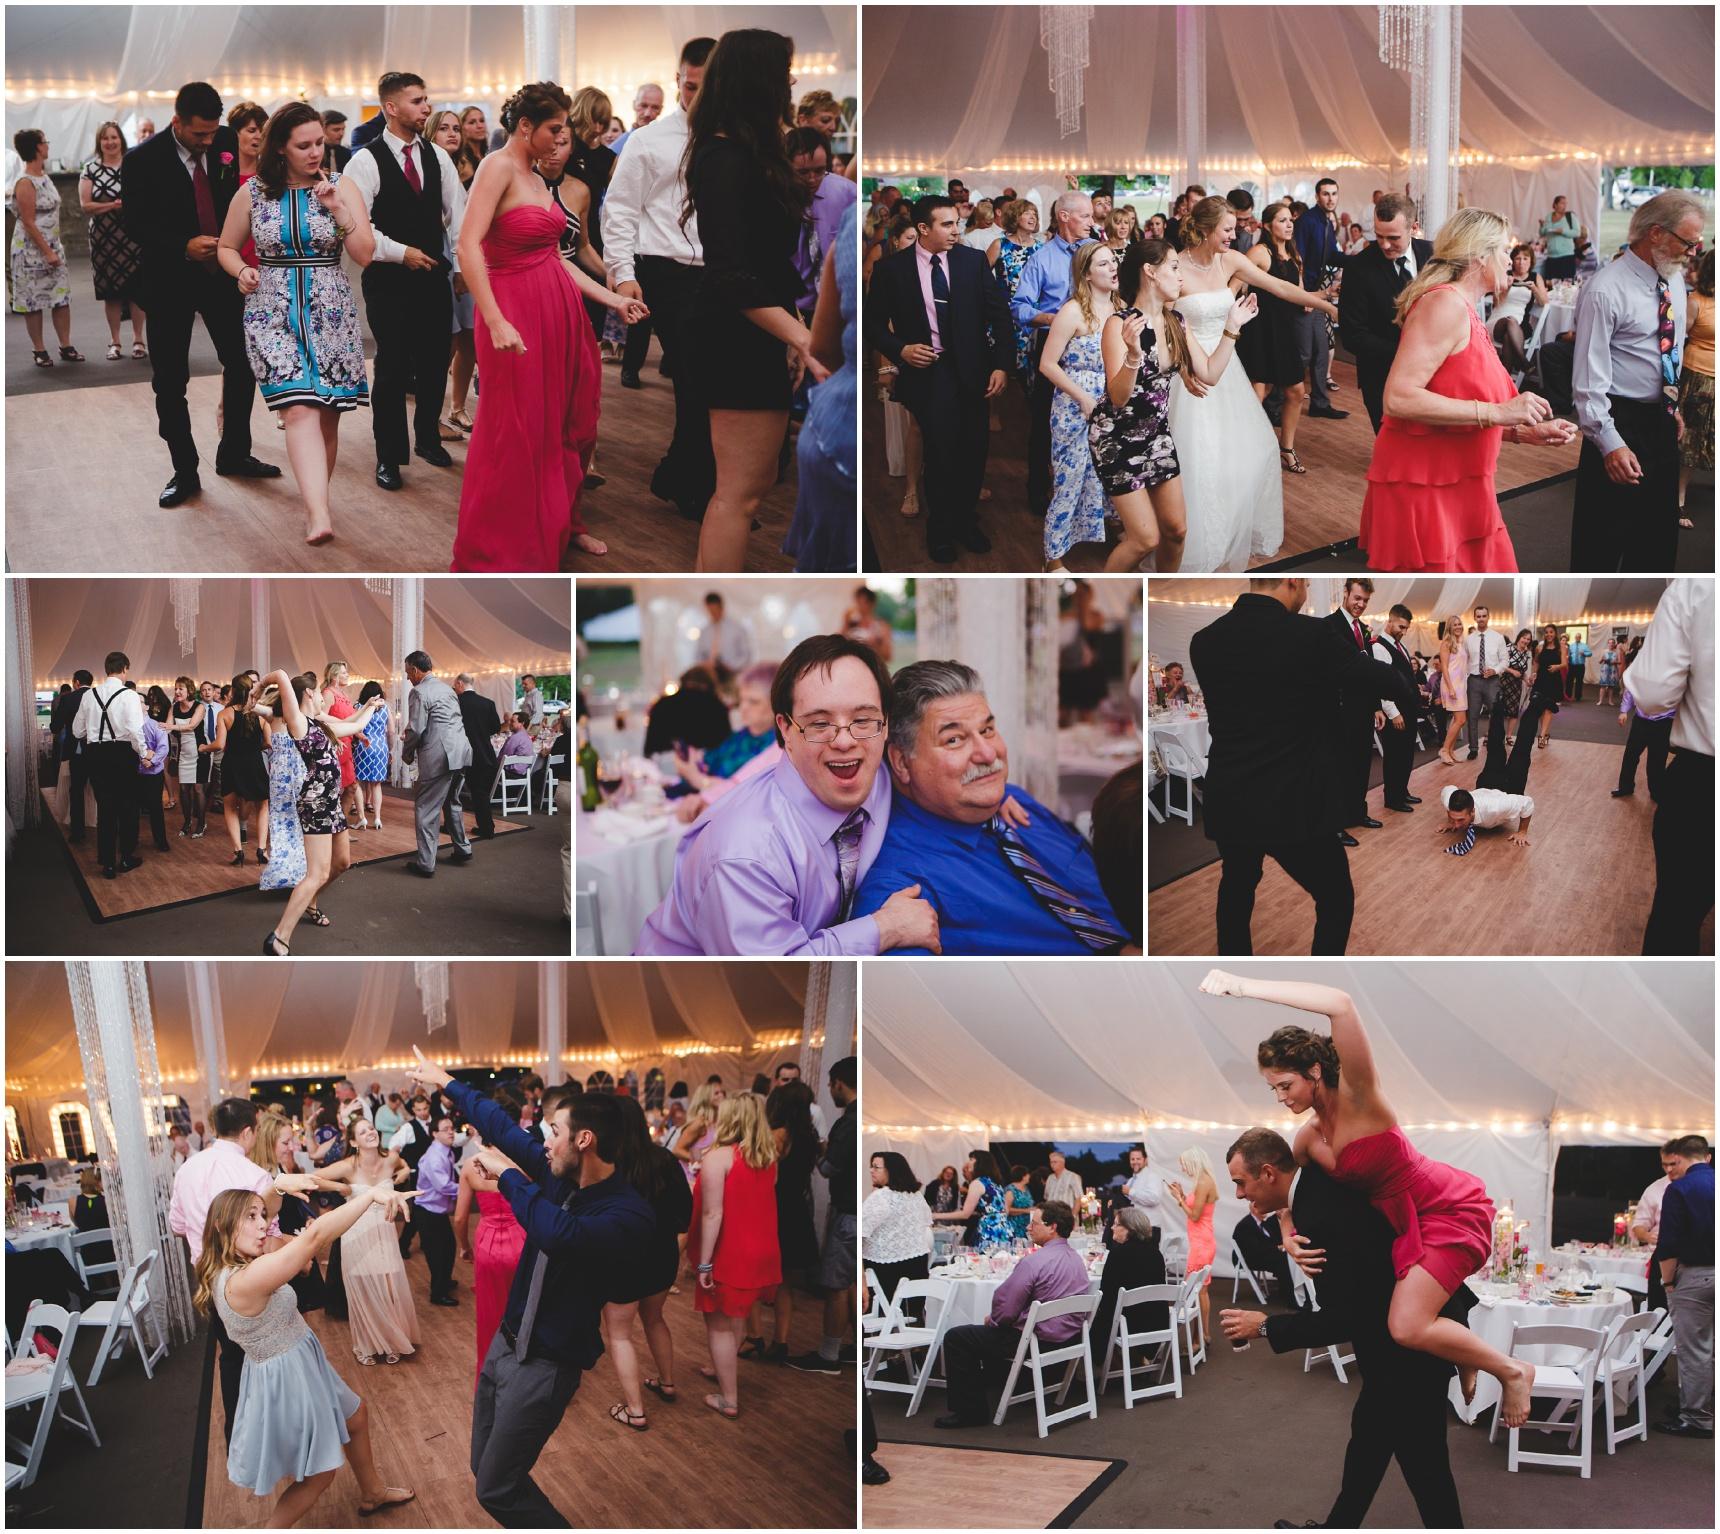 Buffalo-Avanti-Wedding-Photographer_066.jpg